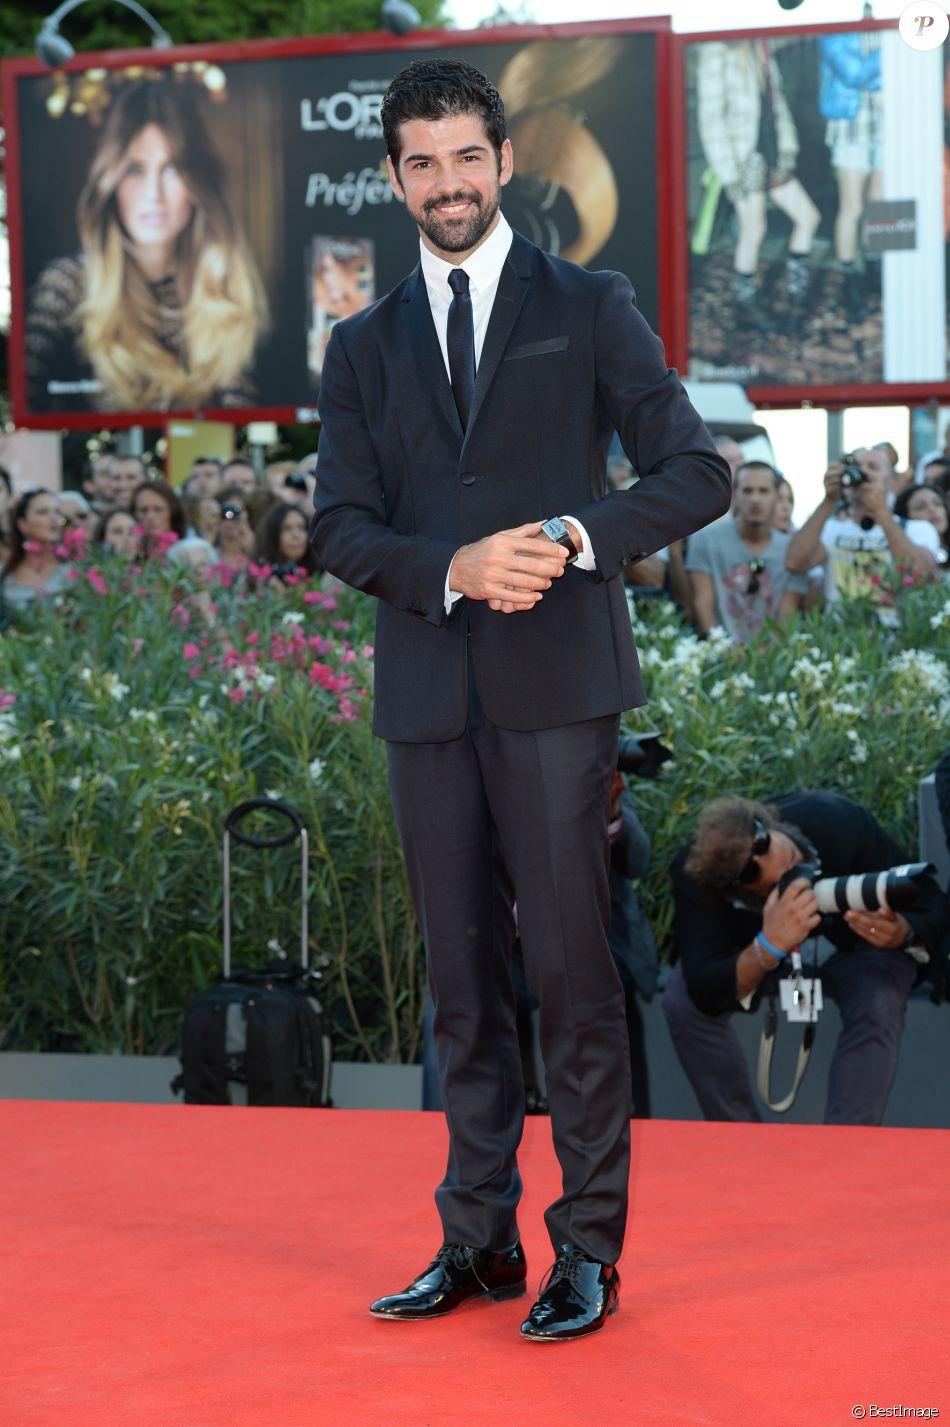 """Info - Membre du casting Danse avec les stars 5 - Miguel Angel Munoz (montre Jaeger-LeCoultre) - Tapis Rouge du film """"The Zero Theorem"""" lors du 70eme Festival International du Film de Venise, La Mostra, le 2 septembre 2013 ."""